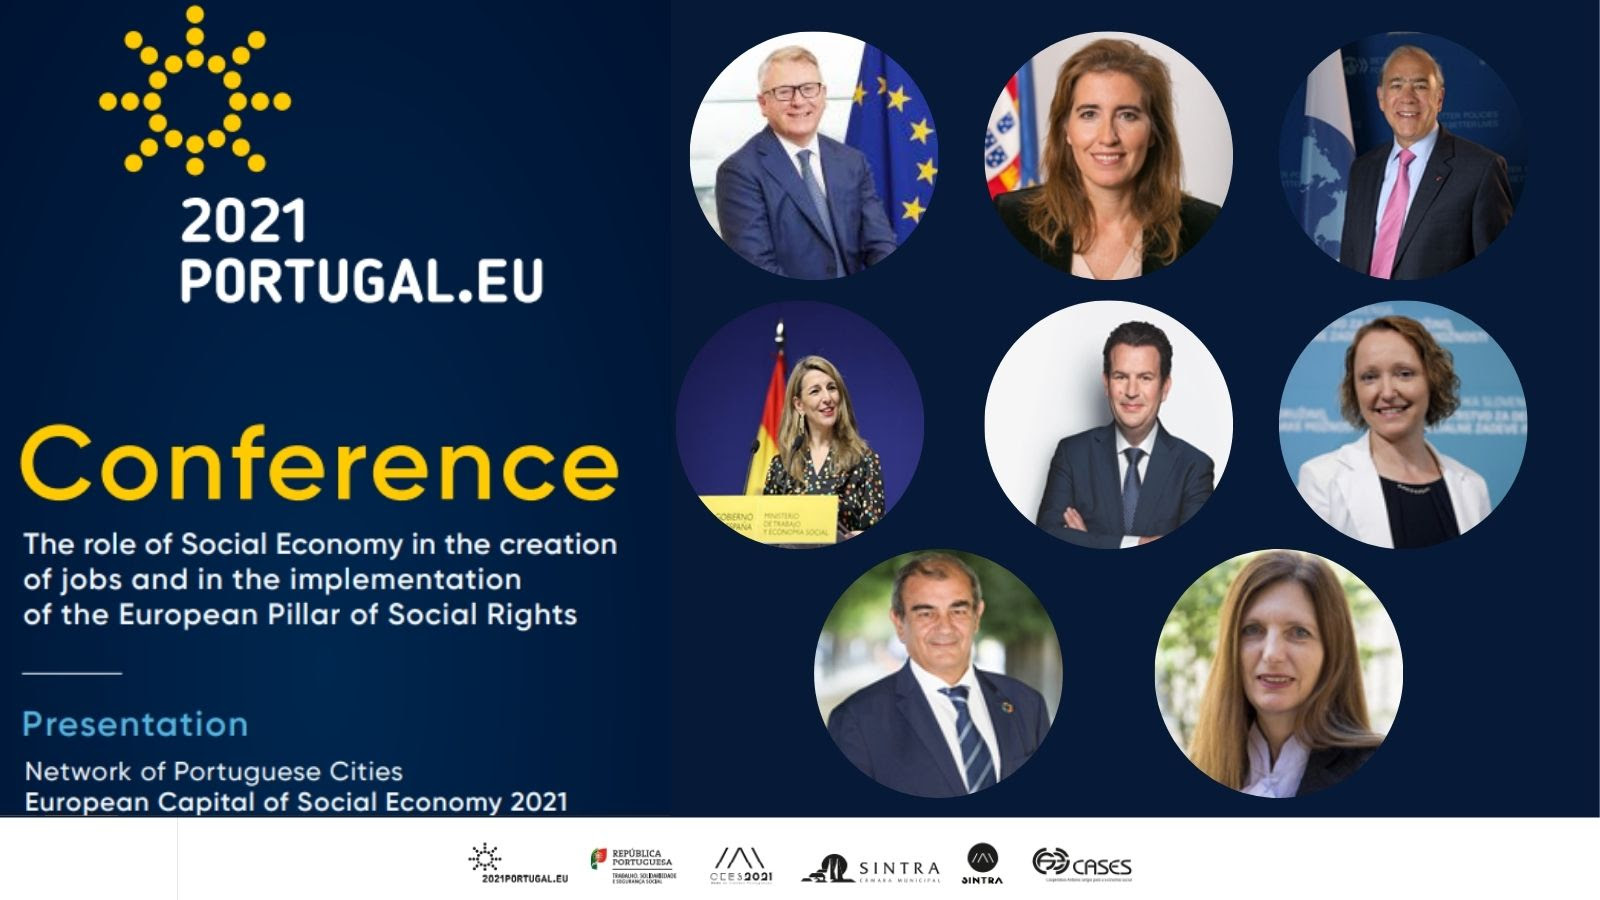 Lunes 29 de marzo Conferencia de la Presidencia portuguesa sobre economía social y pilar social